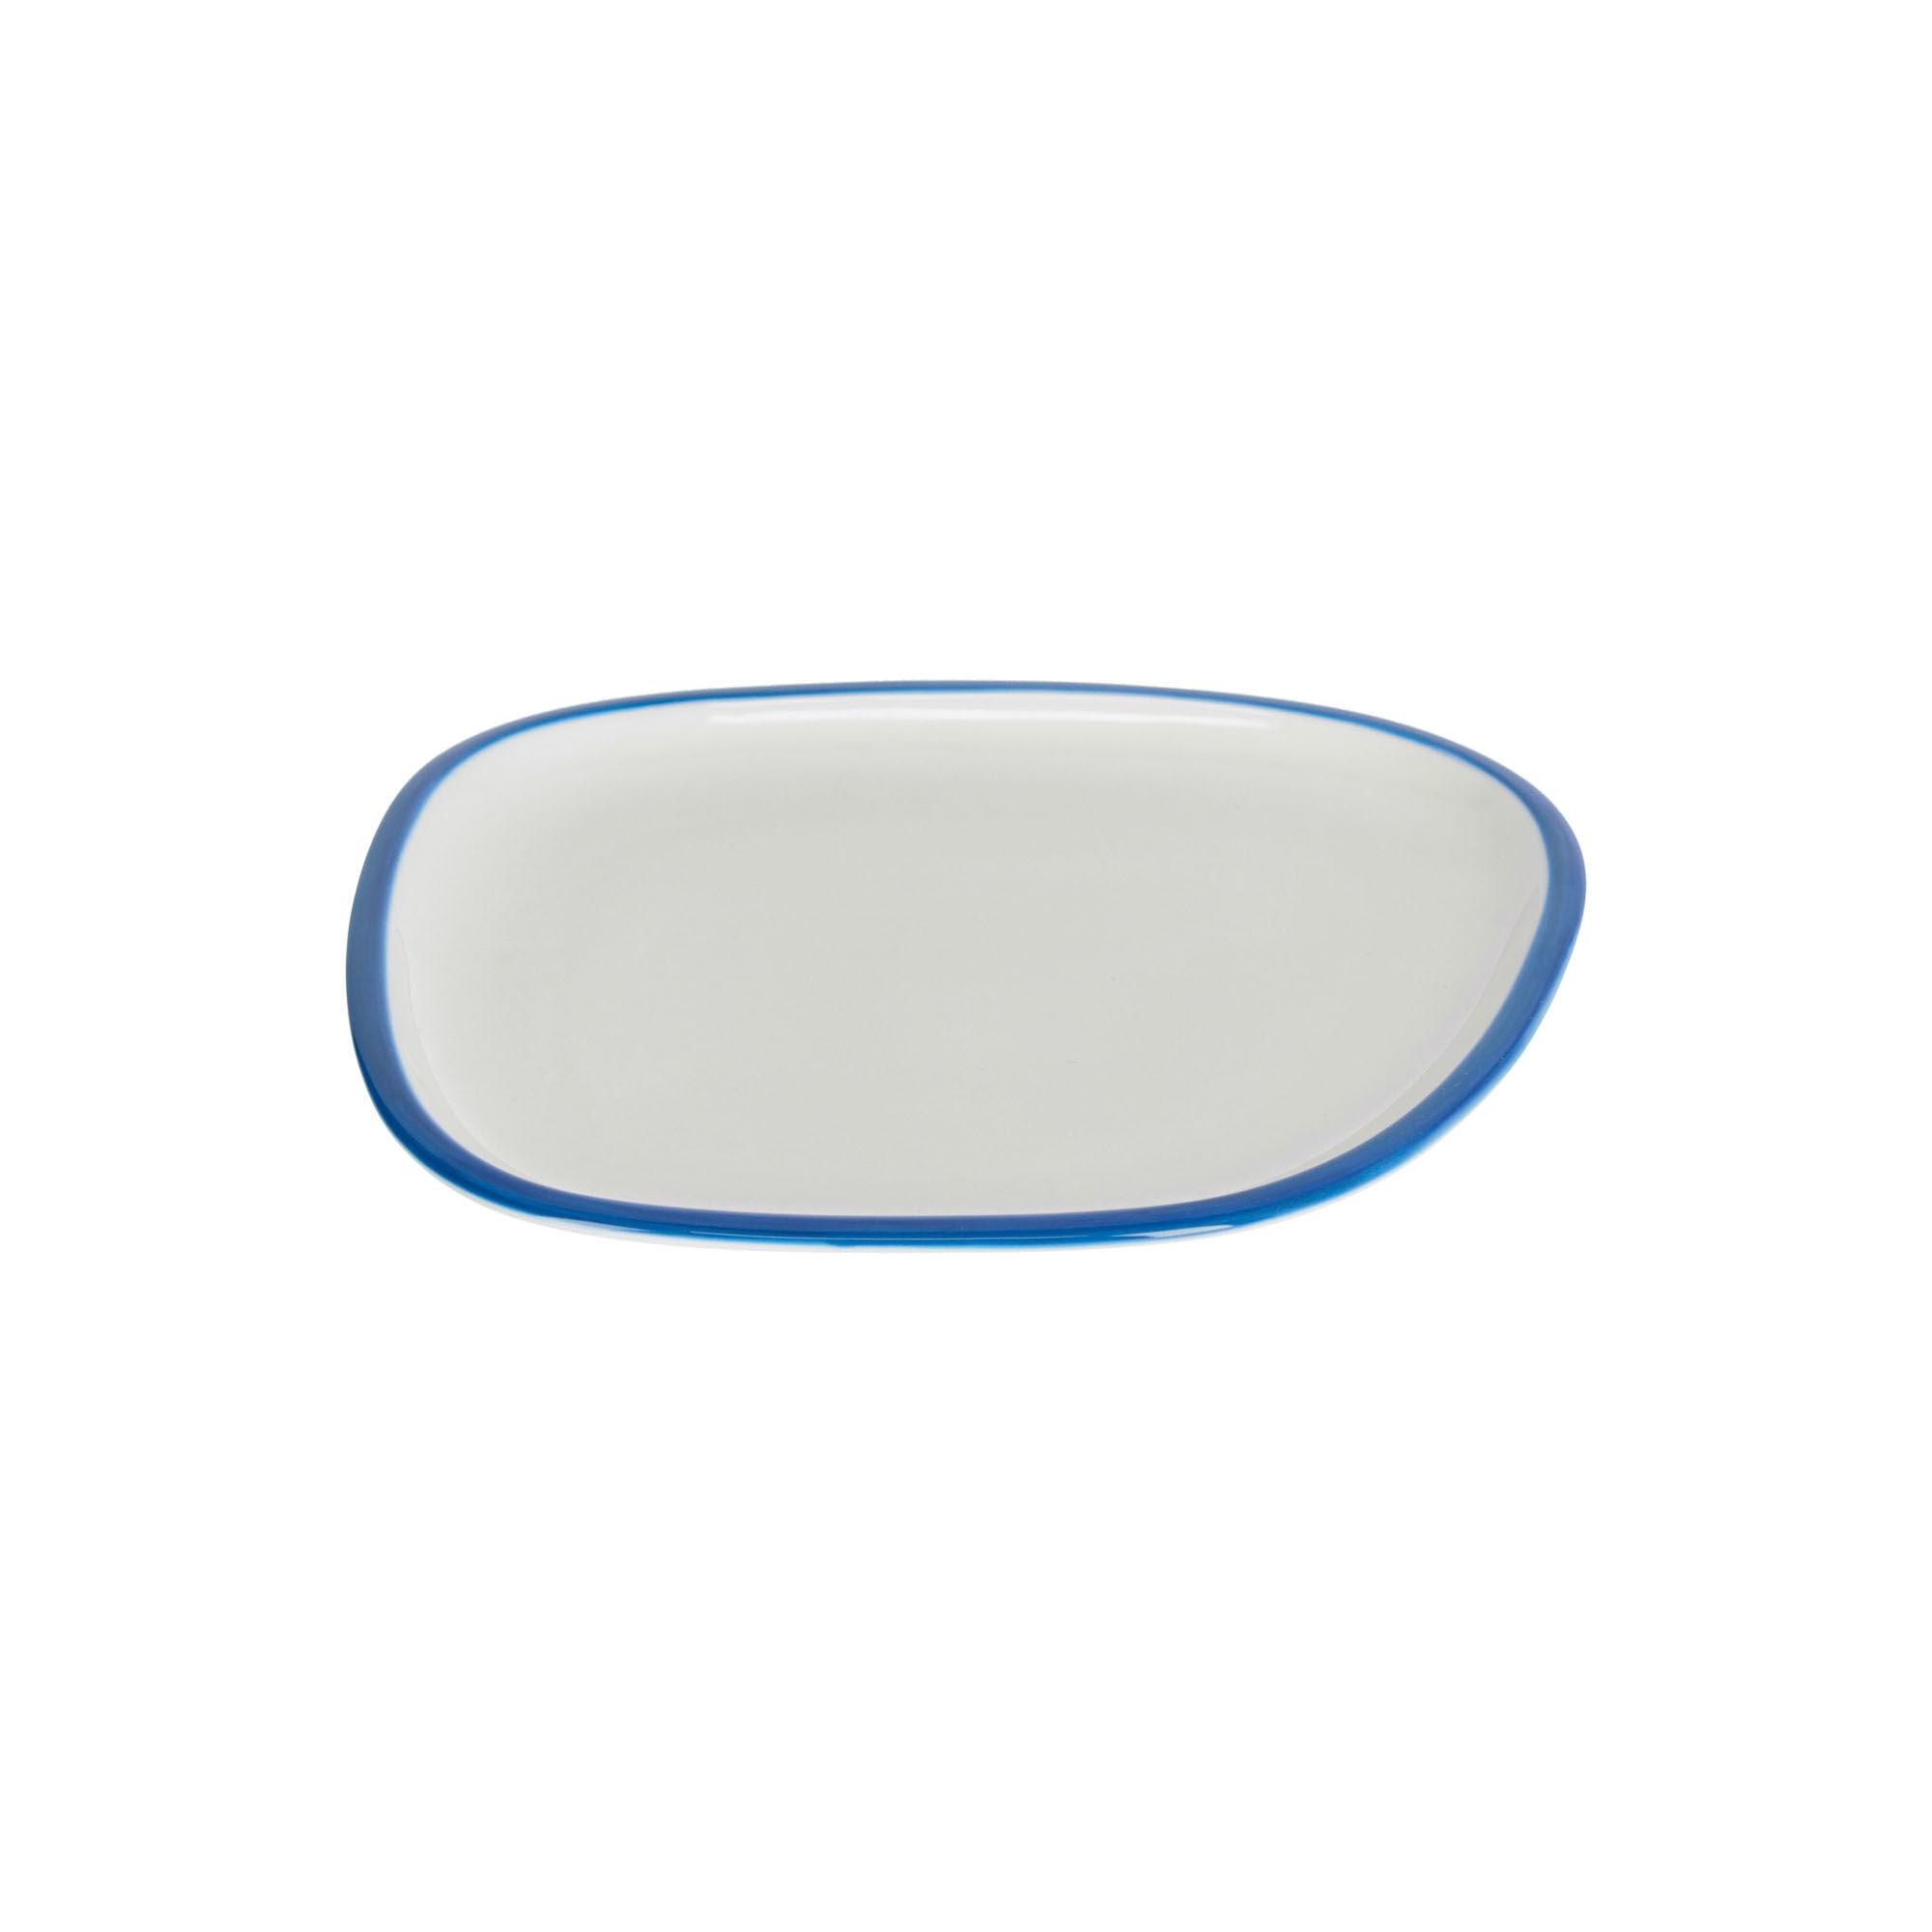 kave home piatto da dessert odalin in porcellana bianca e blu